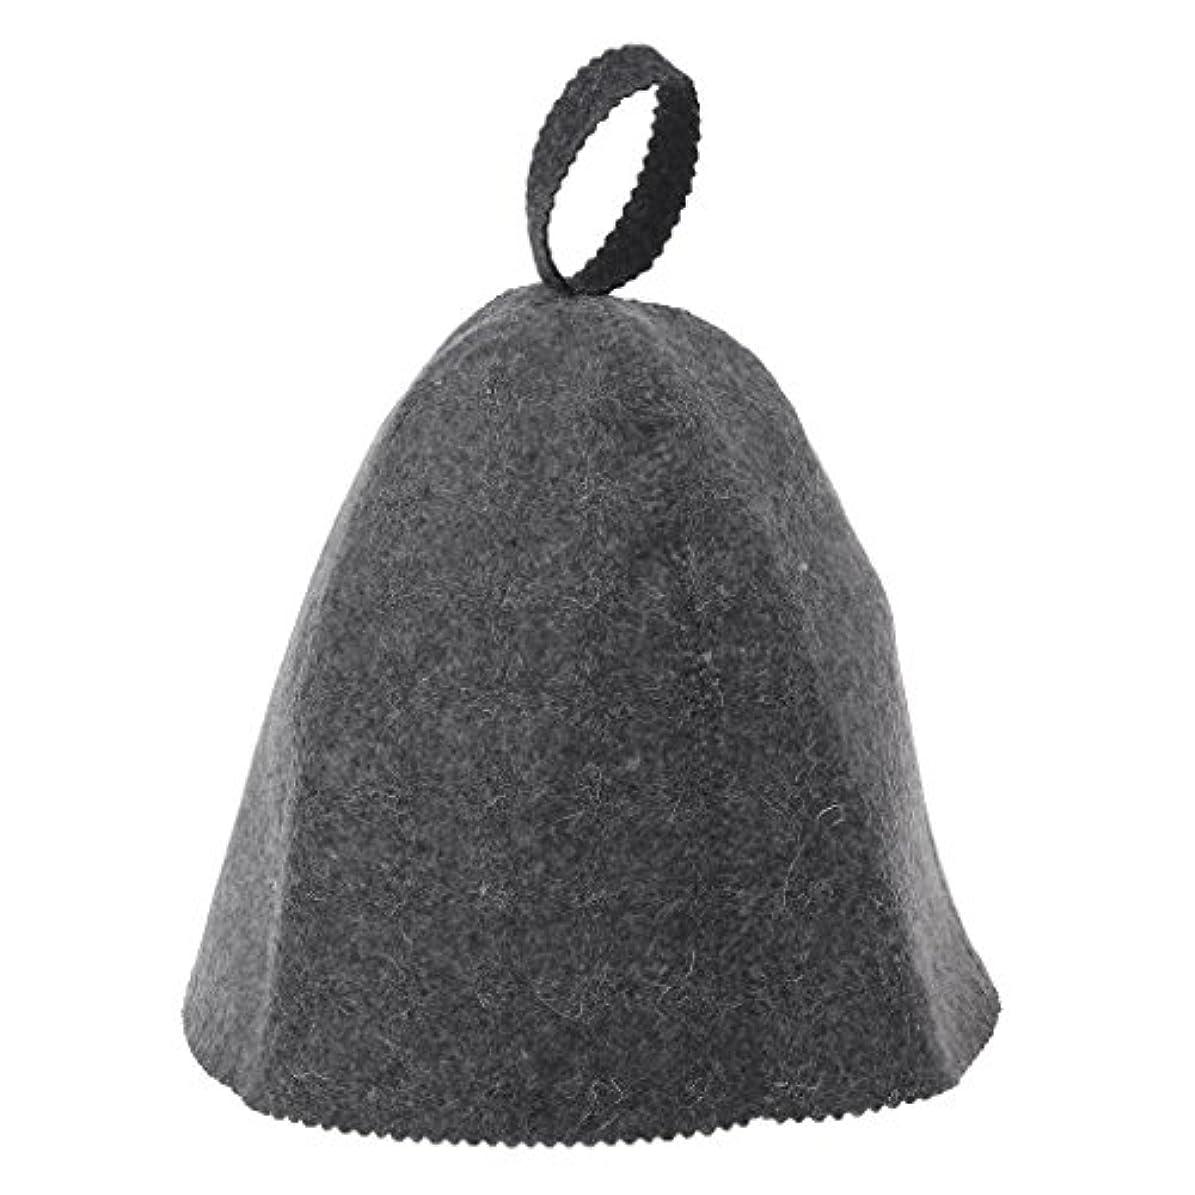 ニュース争うカニLANDUMのウールのフェルトのサウナの帽子、浴室の家の頭部の保護のための反熱ロシアのバニヤ帽子